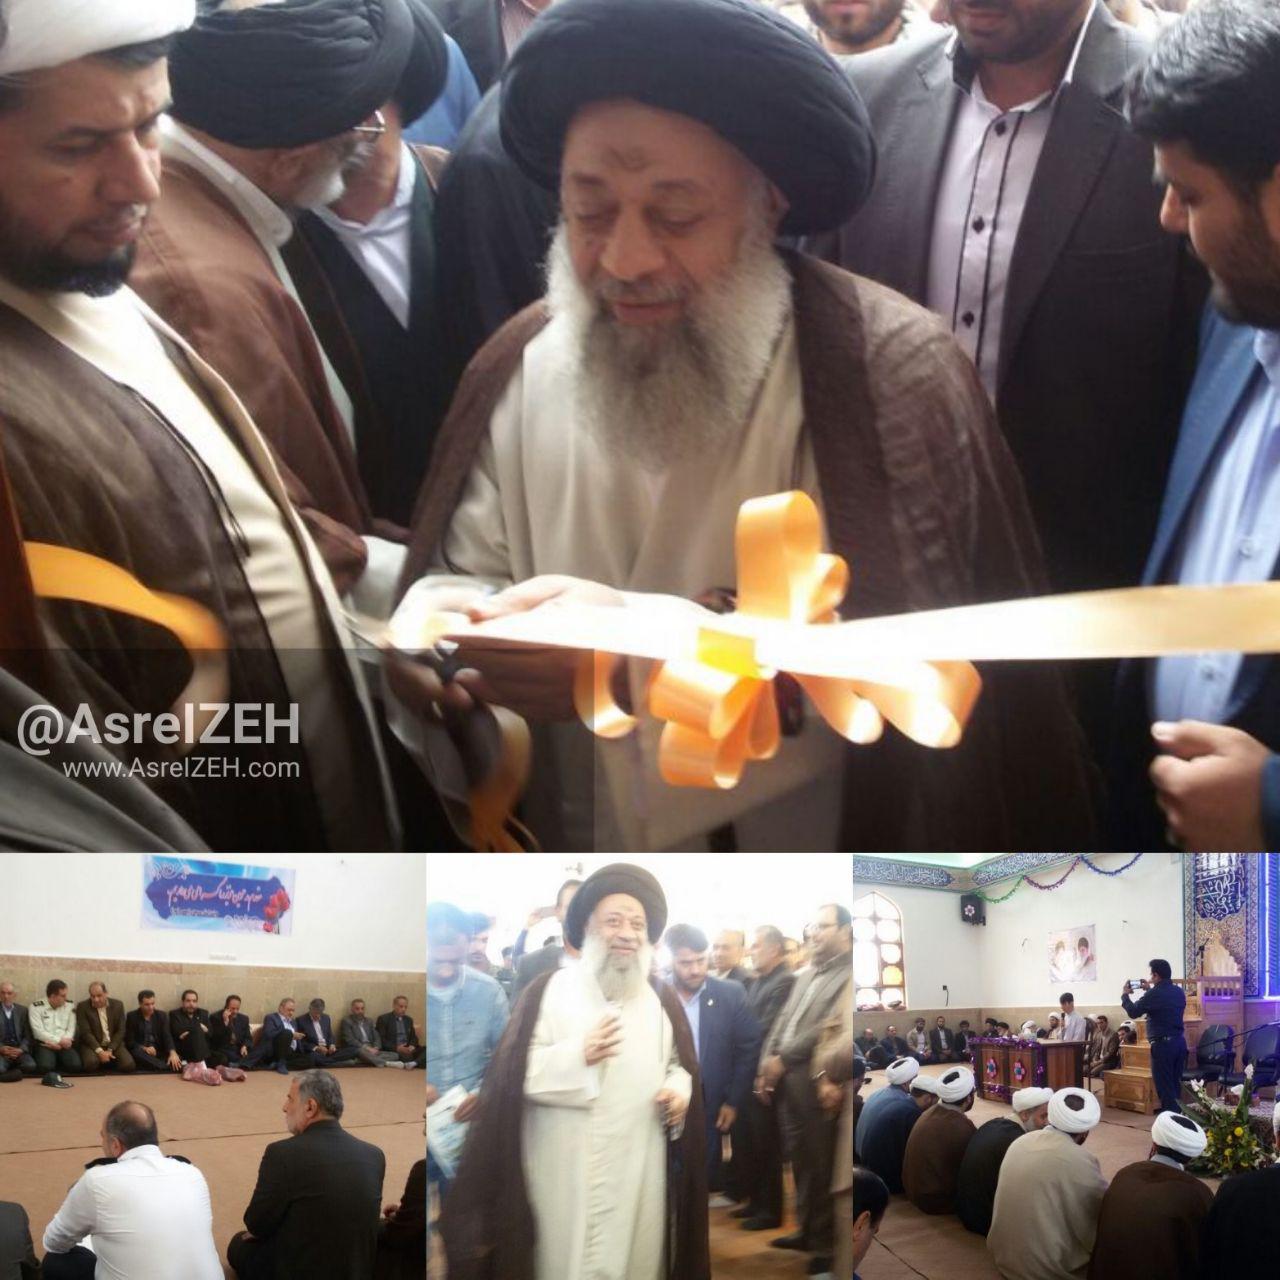 عکس/ افتتاح مسجد ولیعصر(عج) ایذه باحضور آیت الله جزایری